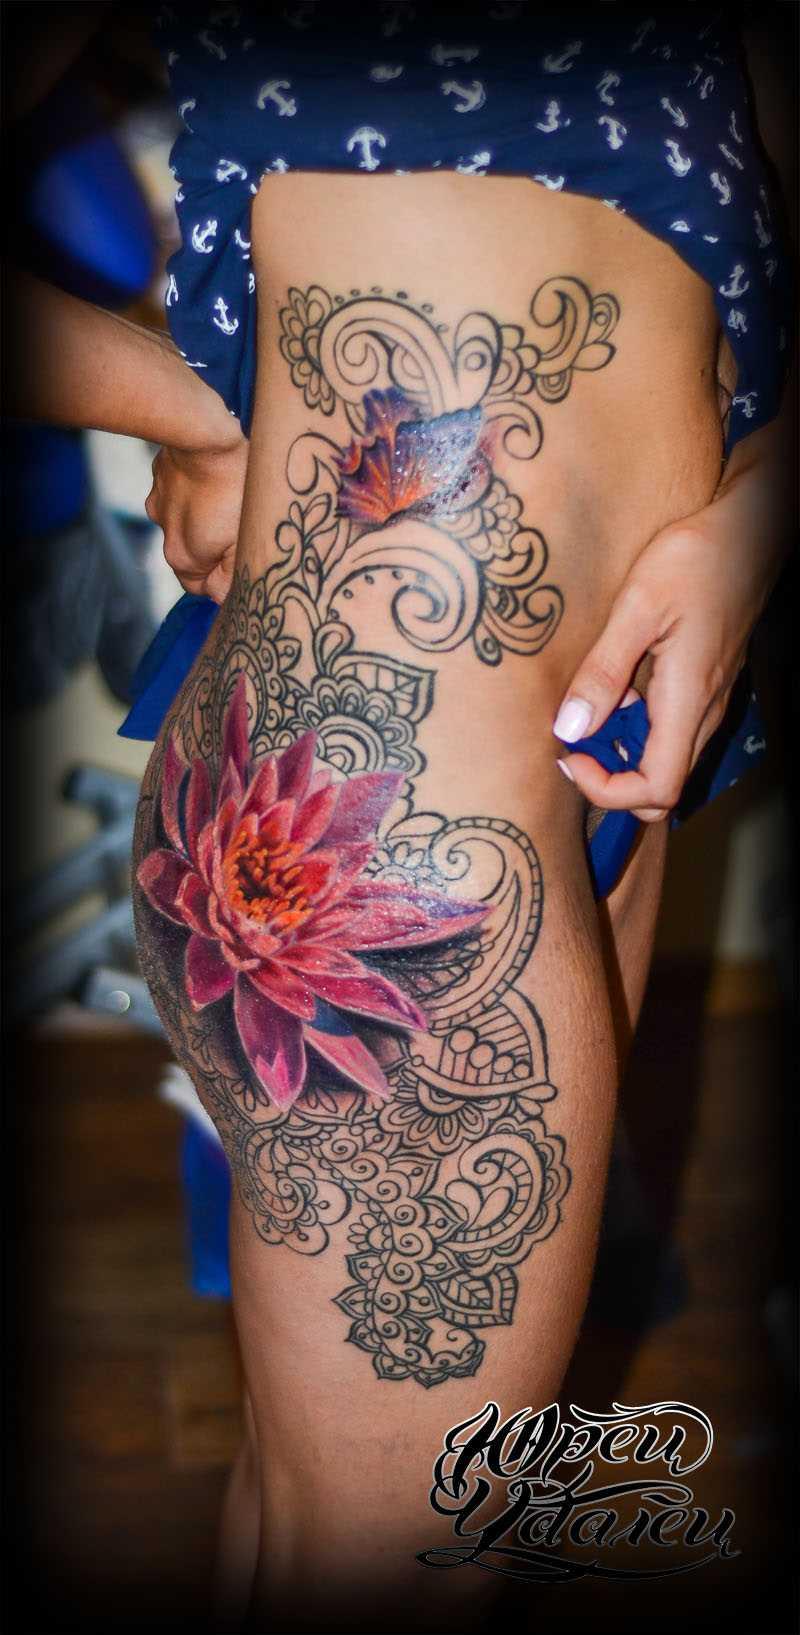 Uma tatuagem em forma de lótus e o padrão ao lado de uma menina